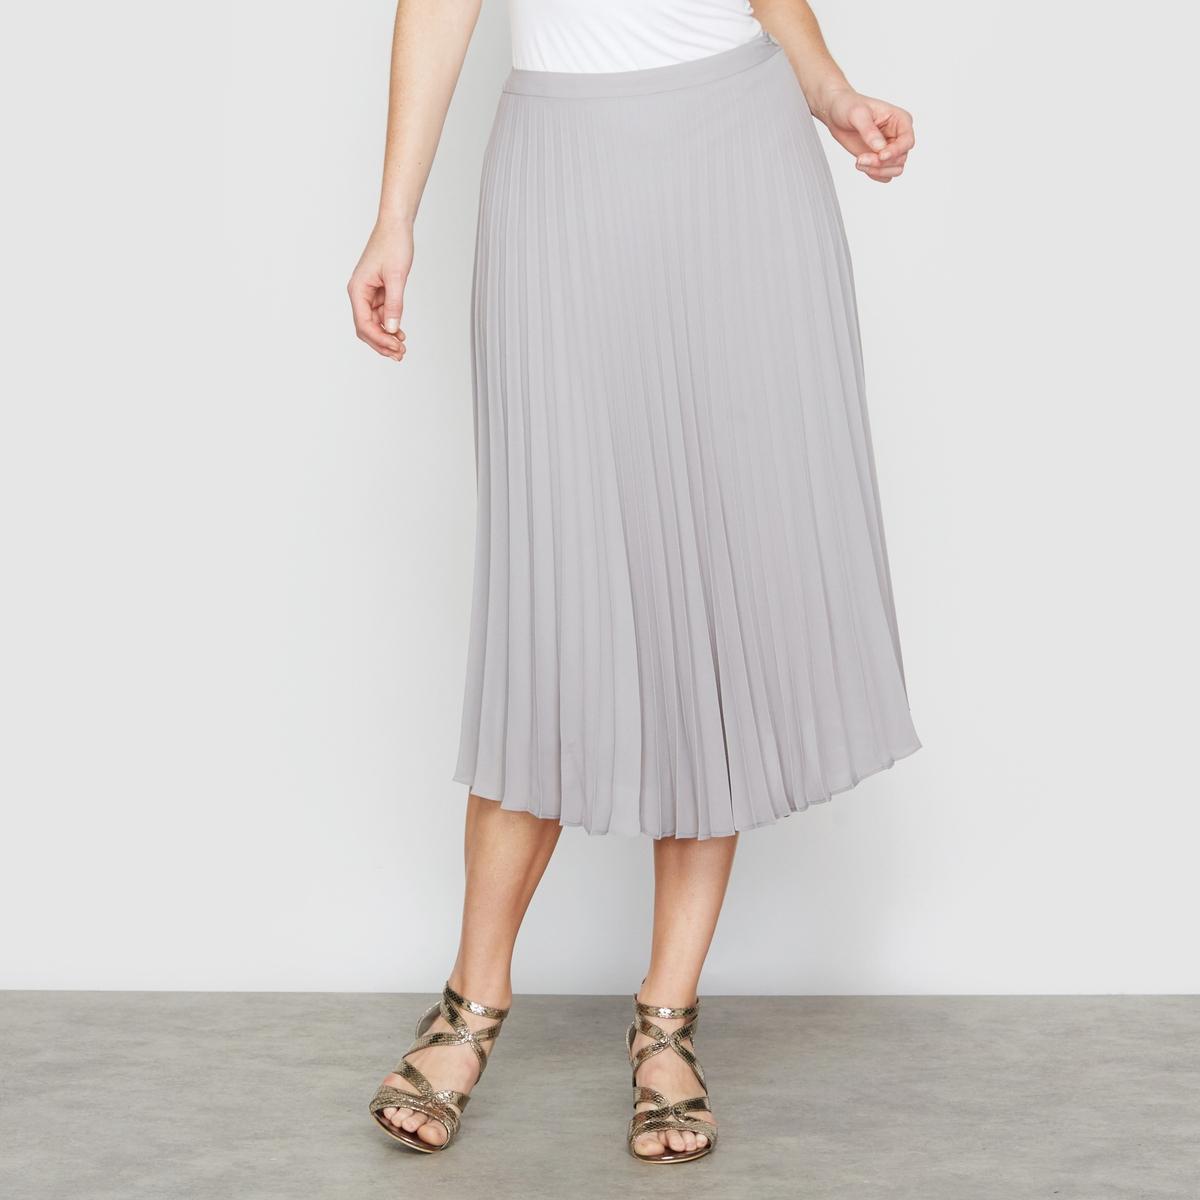 Юбка объемная со складкамиЮбка объемная . Очень элегантная юбка с перманентными складками . Плоский пояс с невидимой застежкой- молнией сбоку. Подкладка из полиэстера. Длина. 68 см. Плиссированная вуаль, 100% полиэстера.<br><br>Цвет: серый<br>Размер: 52 (FR) - 58 (RUS)